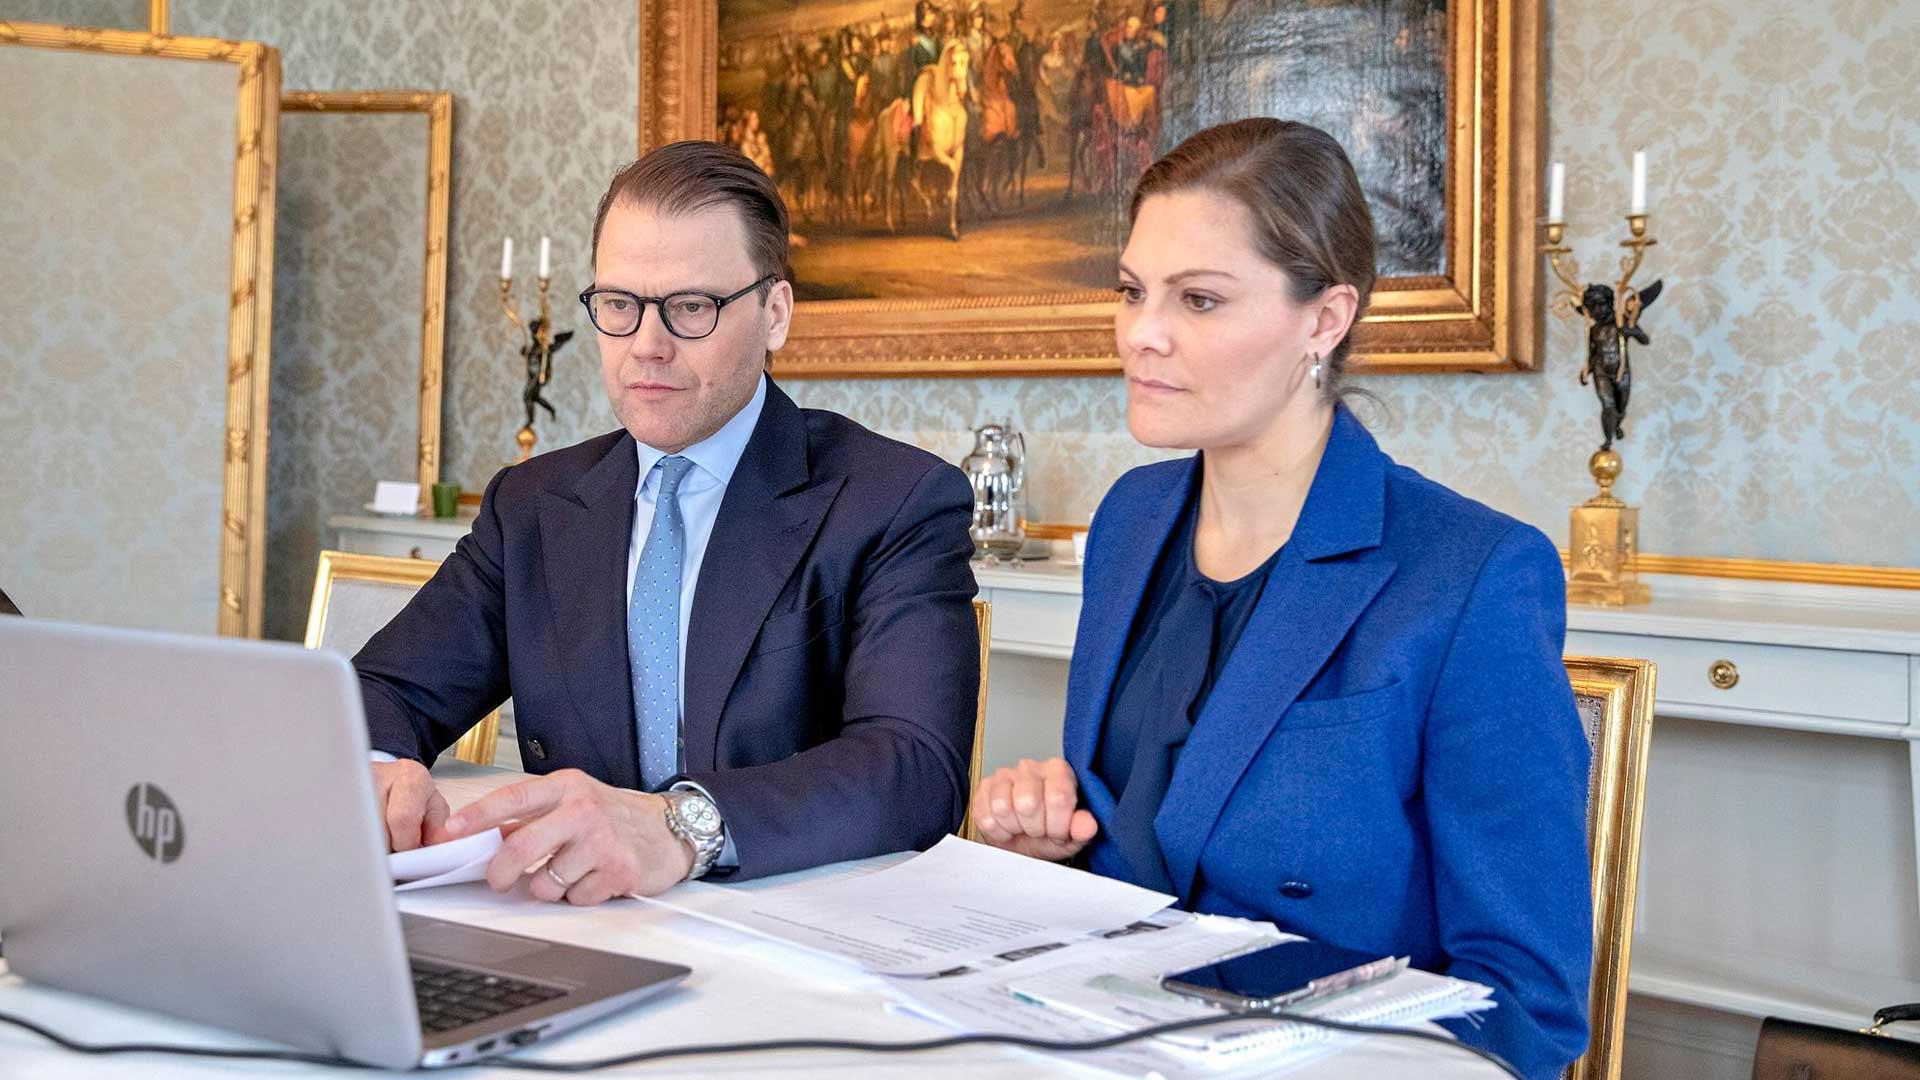 Ruotsin kuningasperhe vietti pääsiäistä etävideoyhteyden avulla.